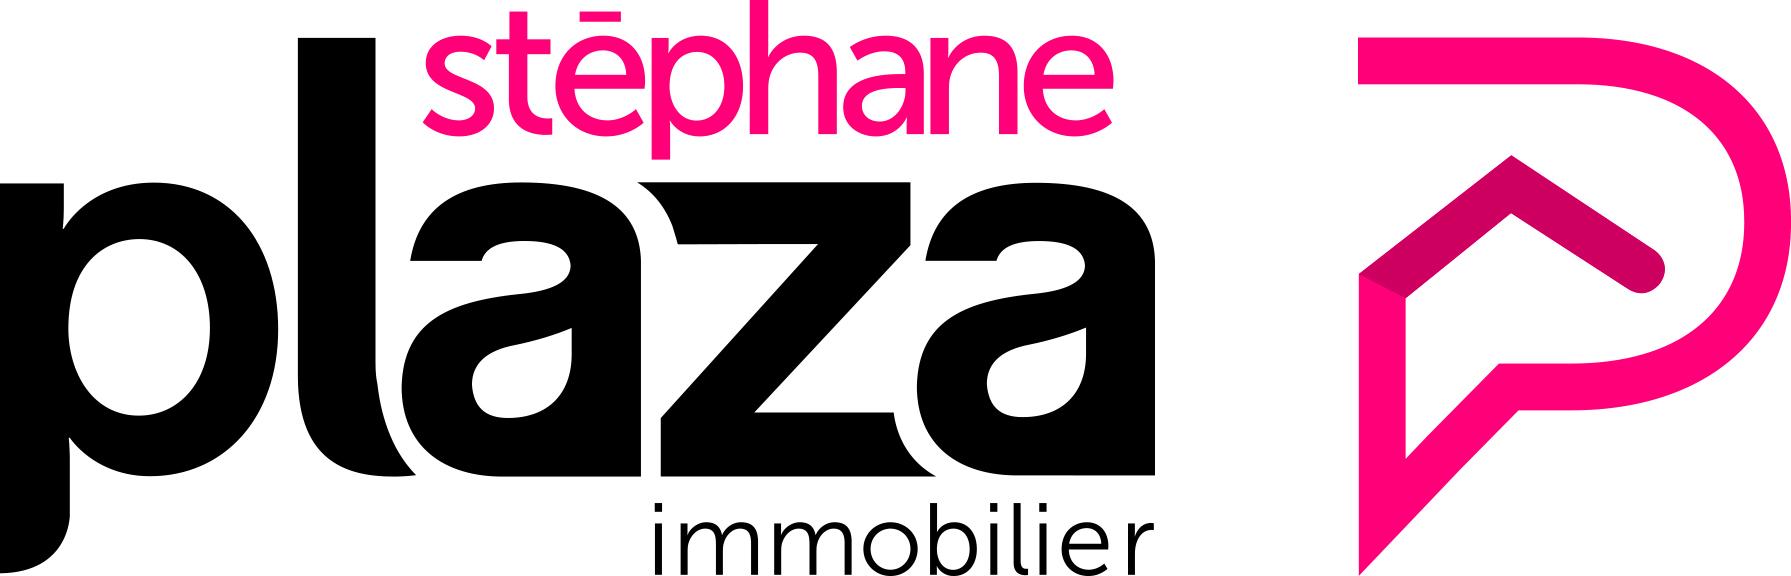 Stéphane Plaza Immobilier Perpignan Sud agence immobilière Perpignan (66000)